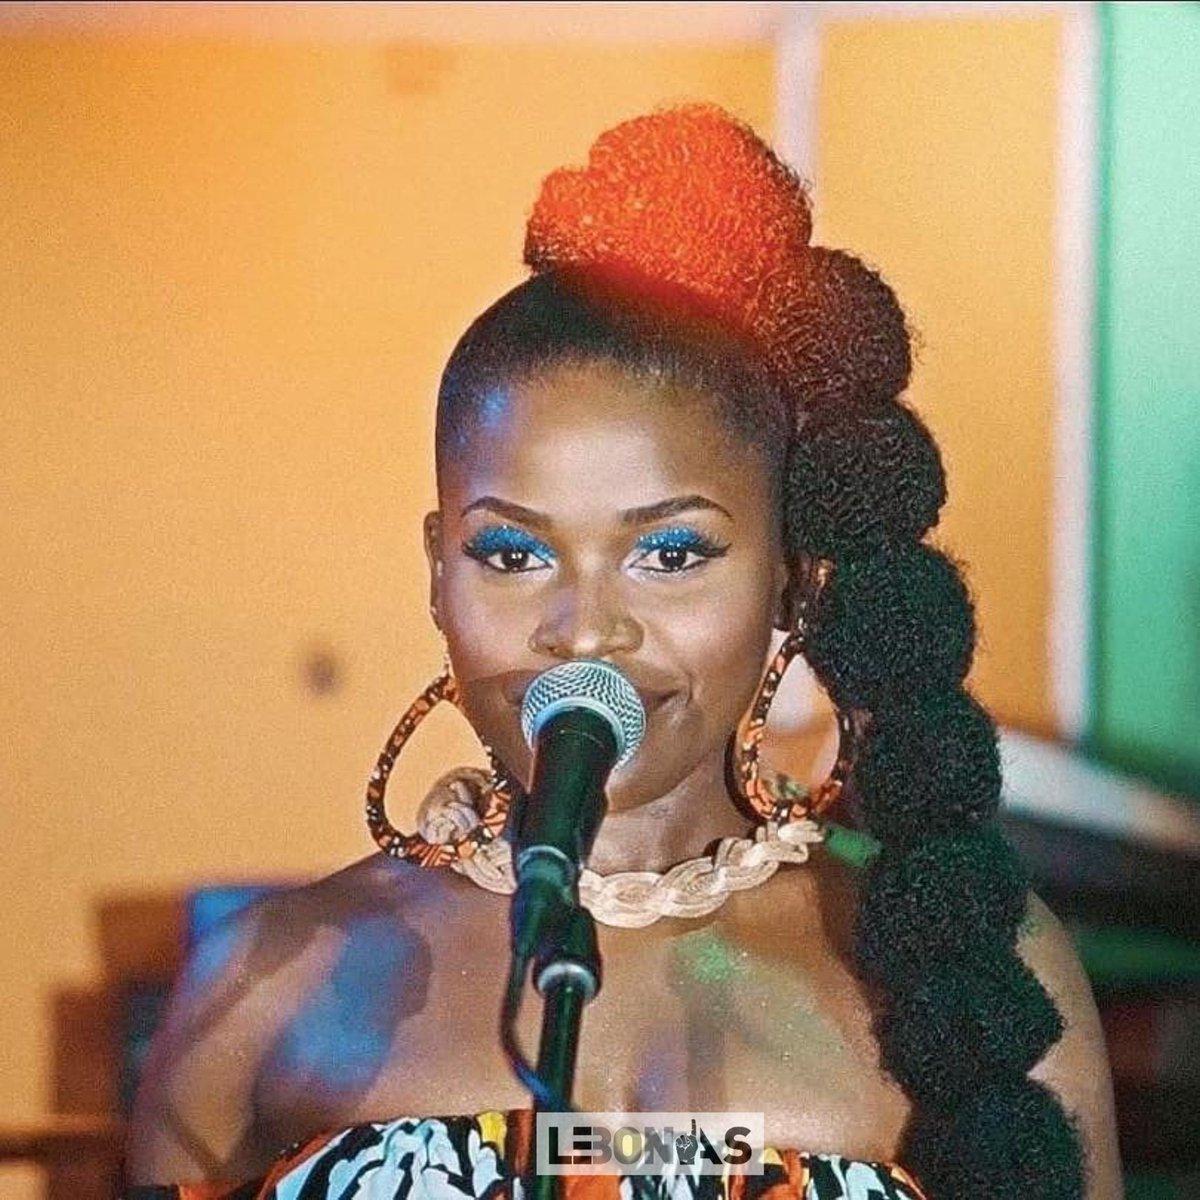 A lire: Nzo : l'album rétro futuriste de Reniss , la chanteuse la mieux coiffée du Cameroun   https://t.co/v6XGhr9CEt  cc @LeBonAs1 https://t.co/asADPBWzXv